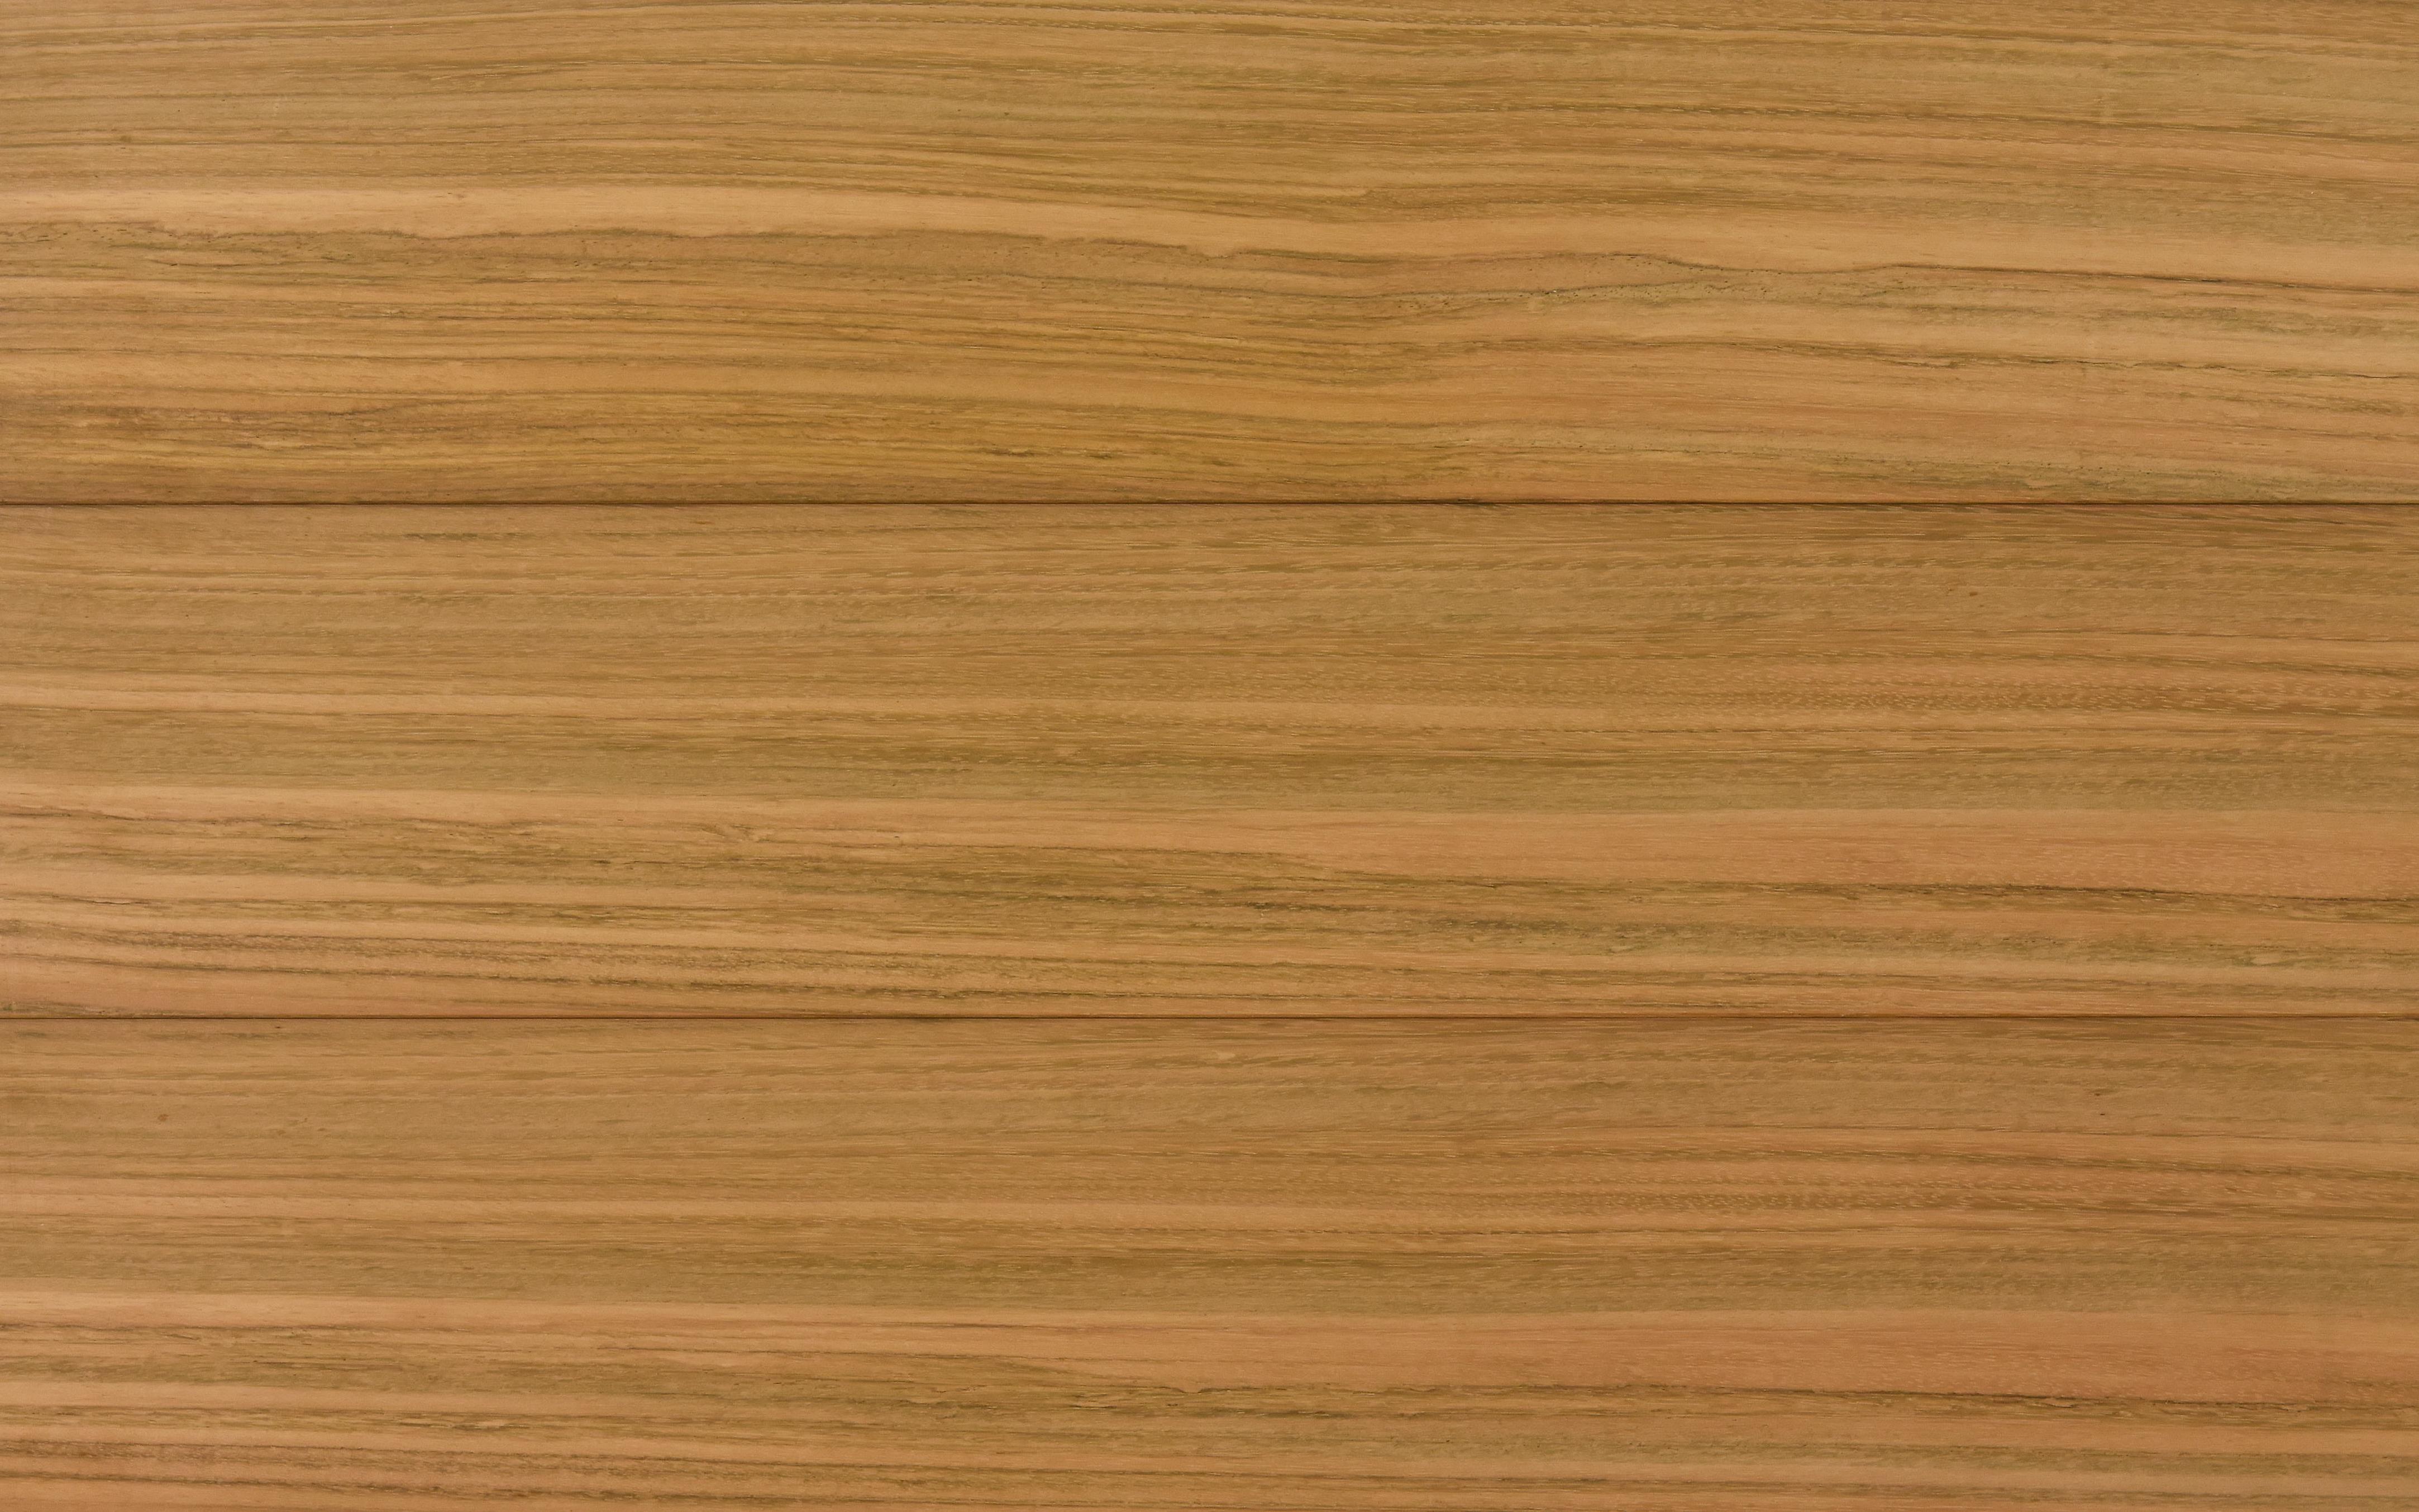 Prijzen van massieve houten vloeren